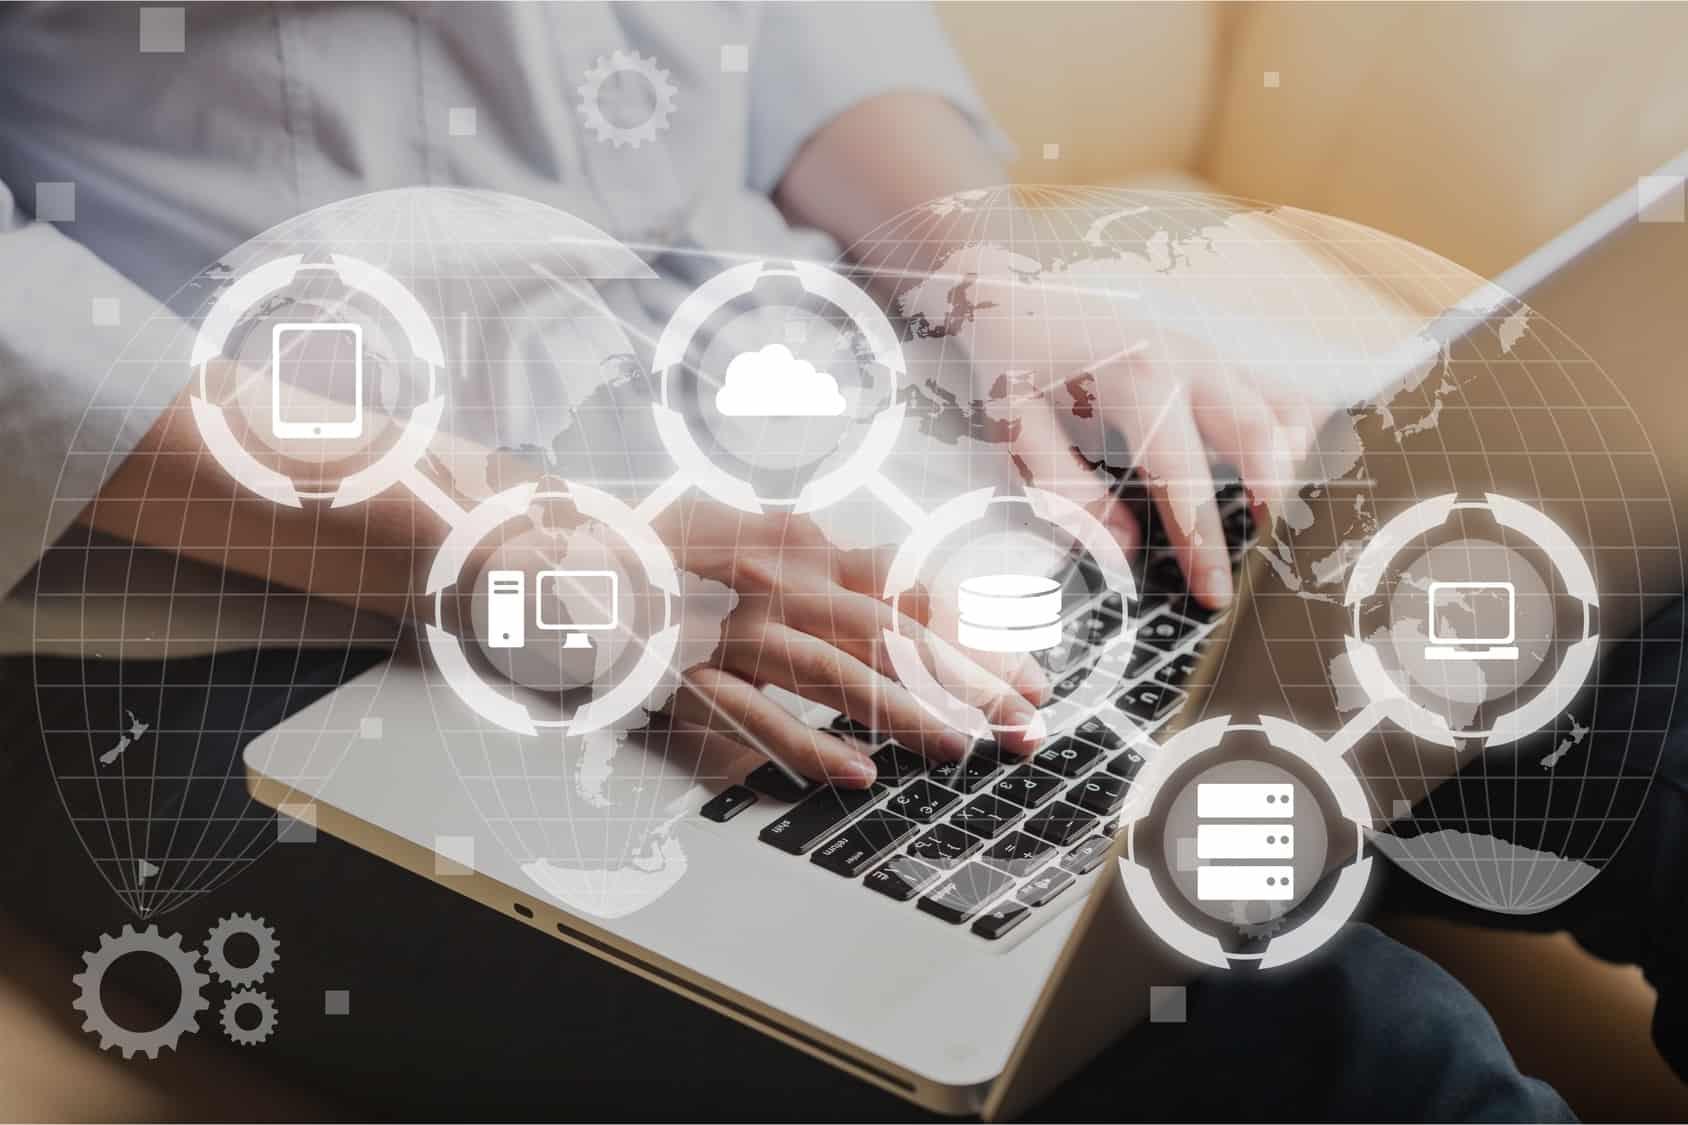 Los usuarios ya no sólo se conectan a internet desde una PC, sino también, en teléfonos móviles, tablets, computadoras portátiles y hastaa objetos.